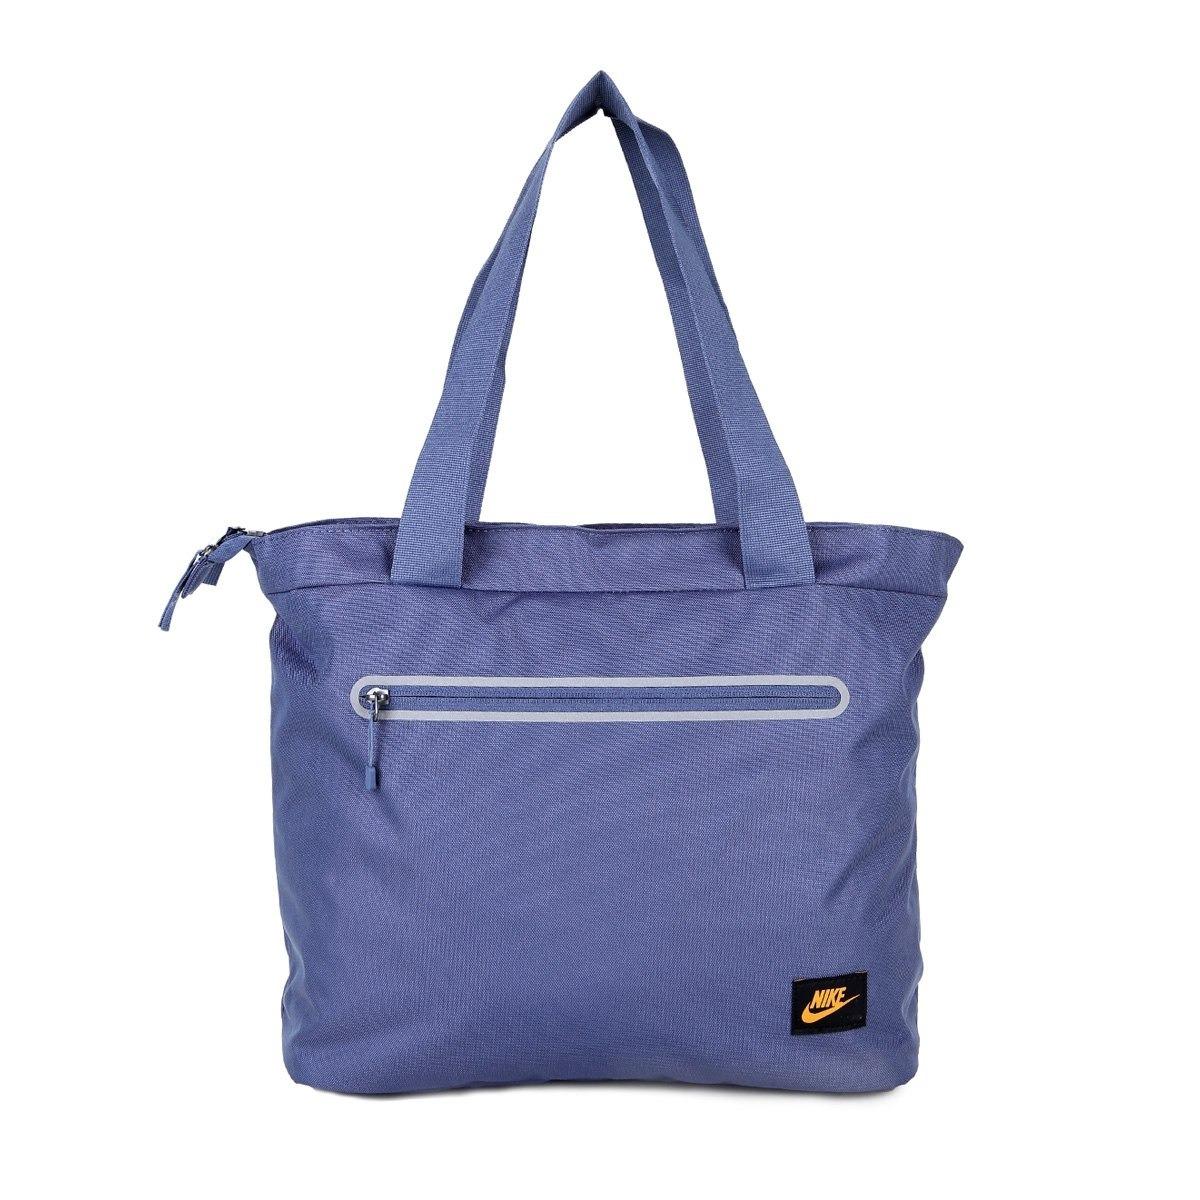 a87781a8e Bolsa Nike Tech Tote Bag Original + Nfe - R$ 119,90 em Mercado Livre